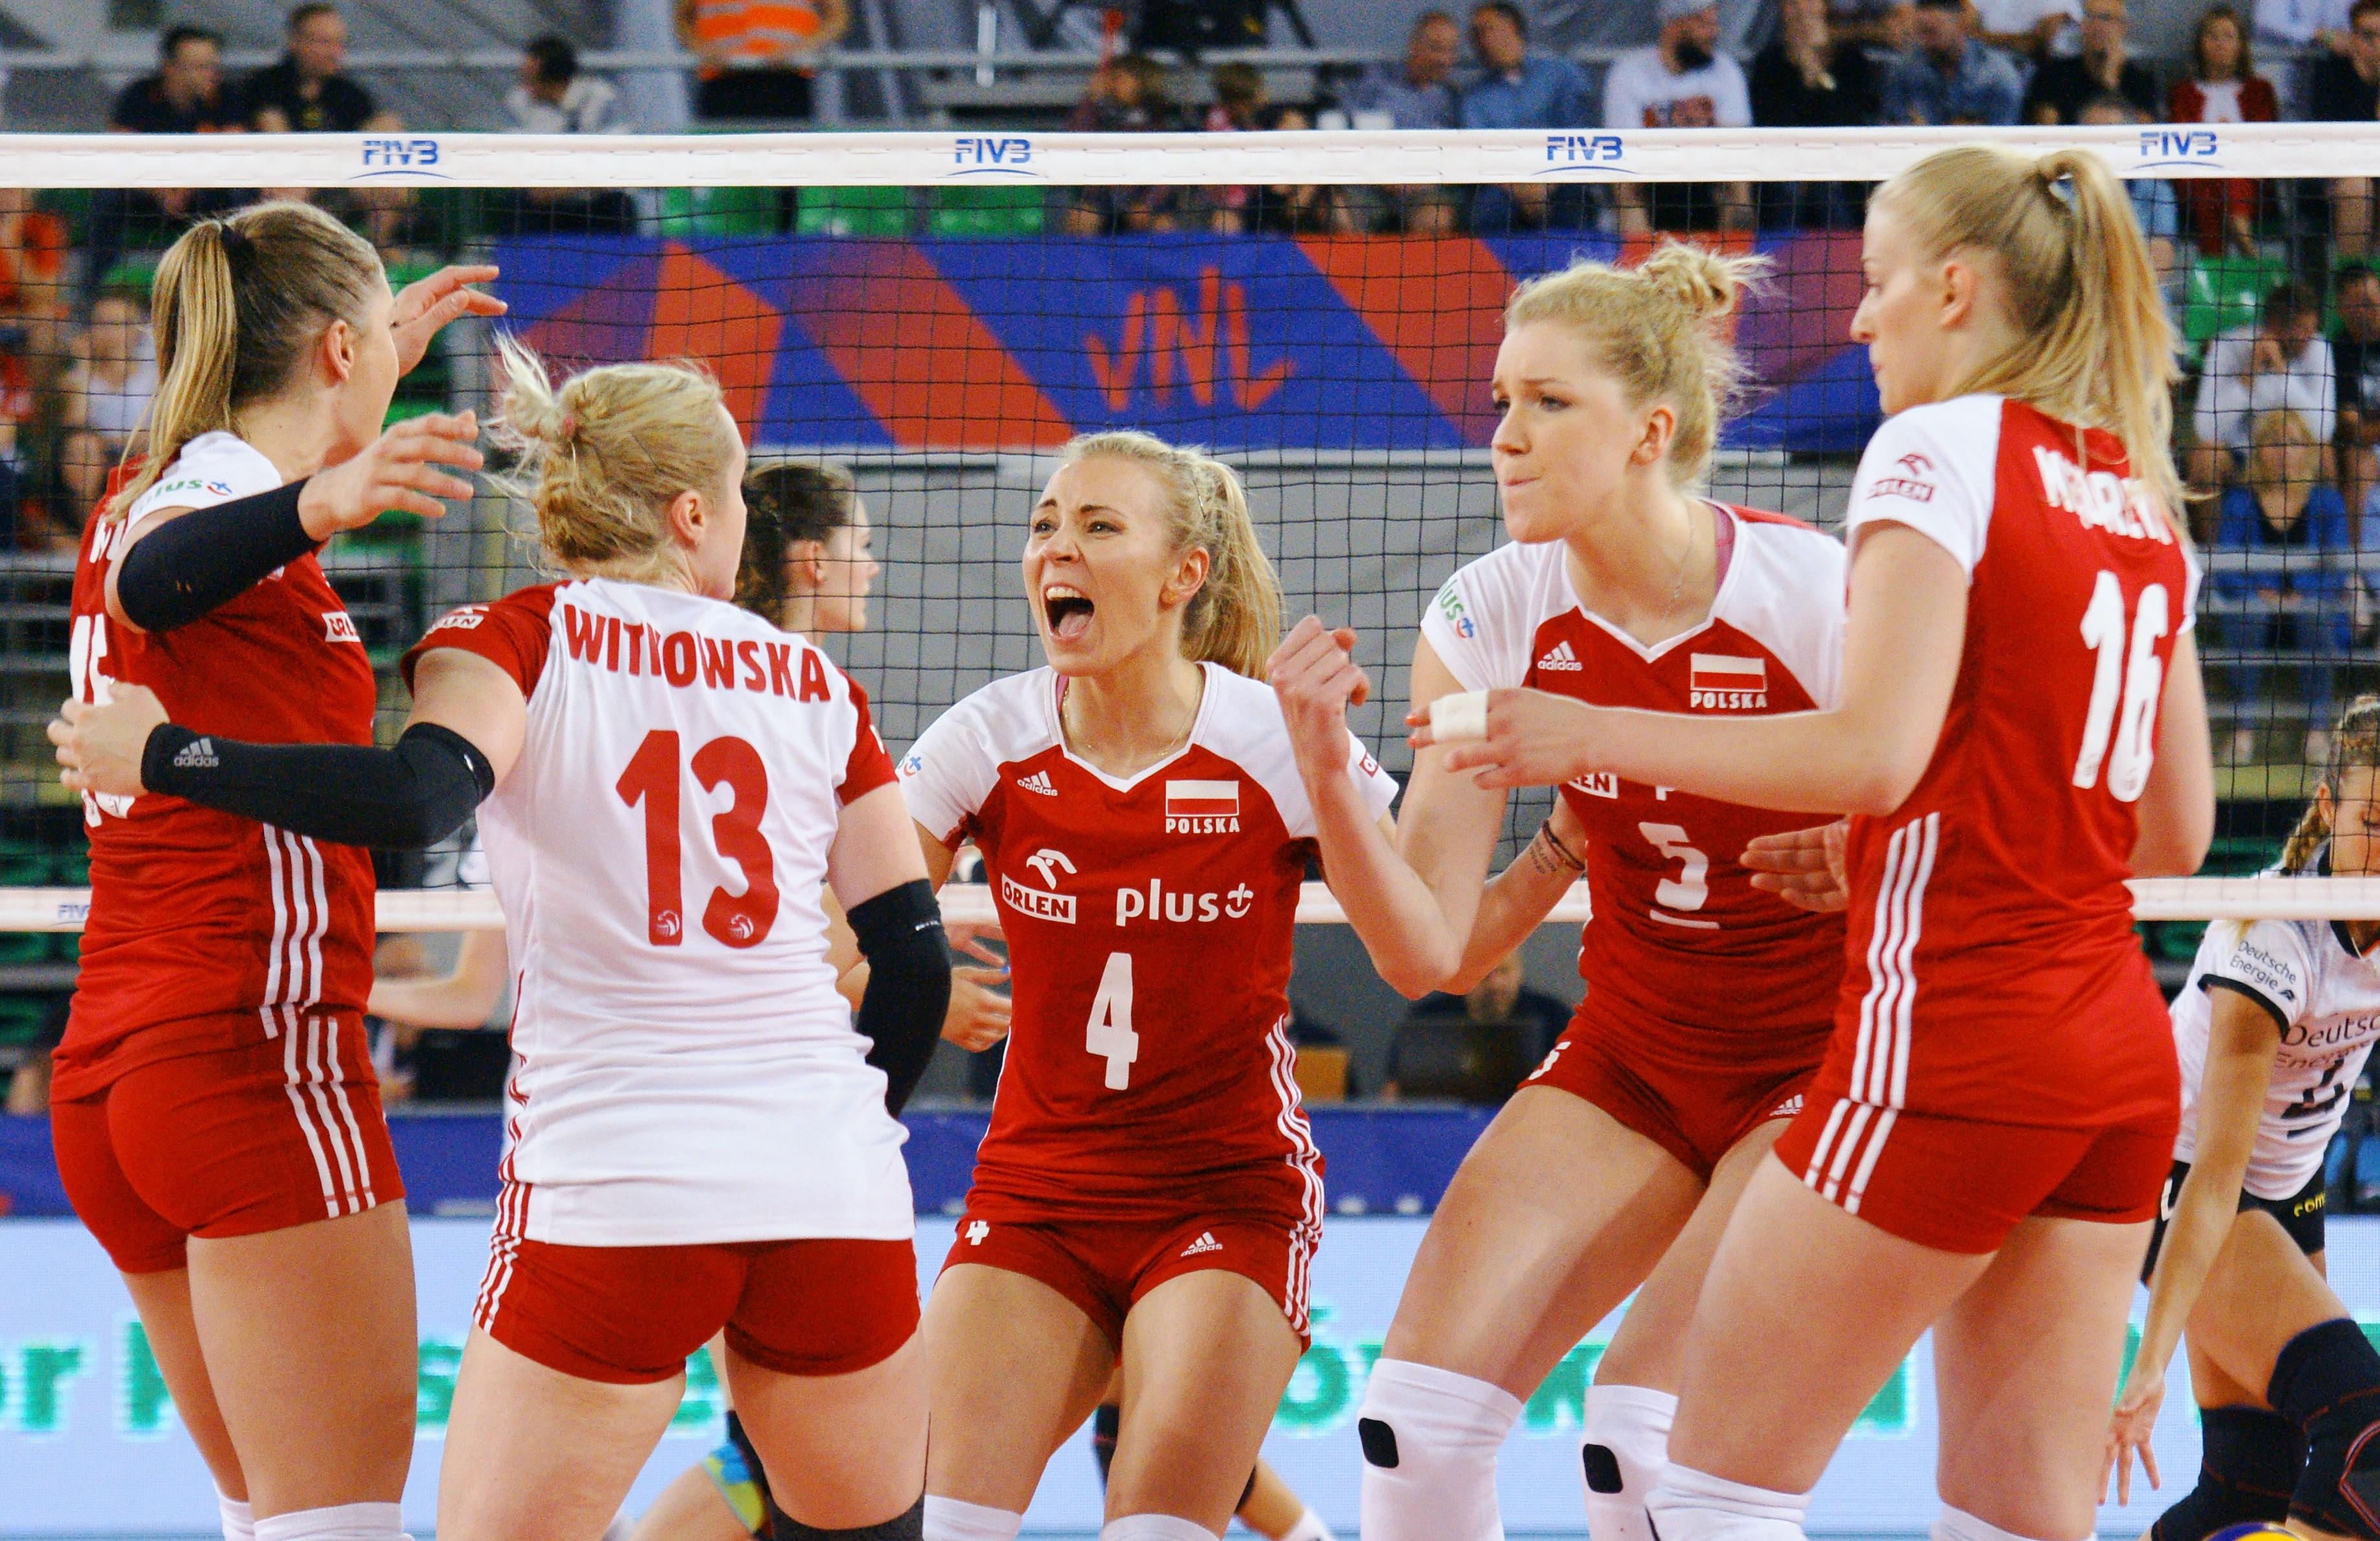 mistrzostwa świata kobiet w 2022 roku rozegrane zostaną w Polsce